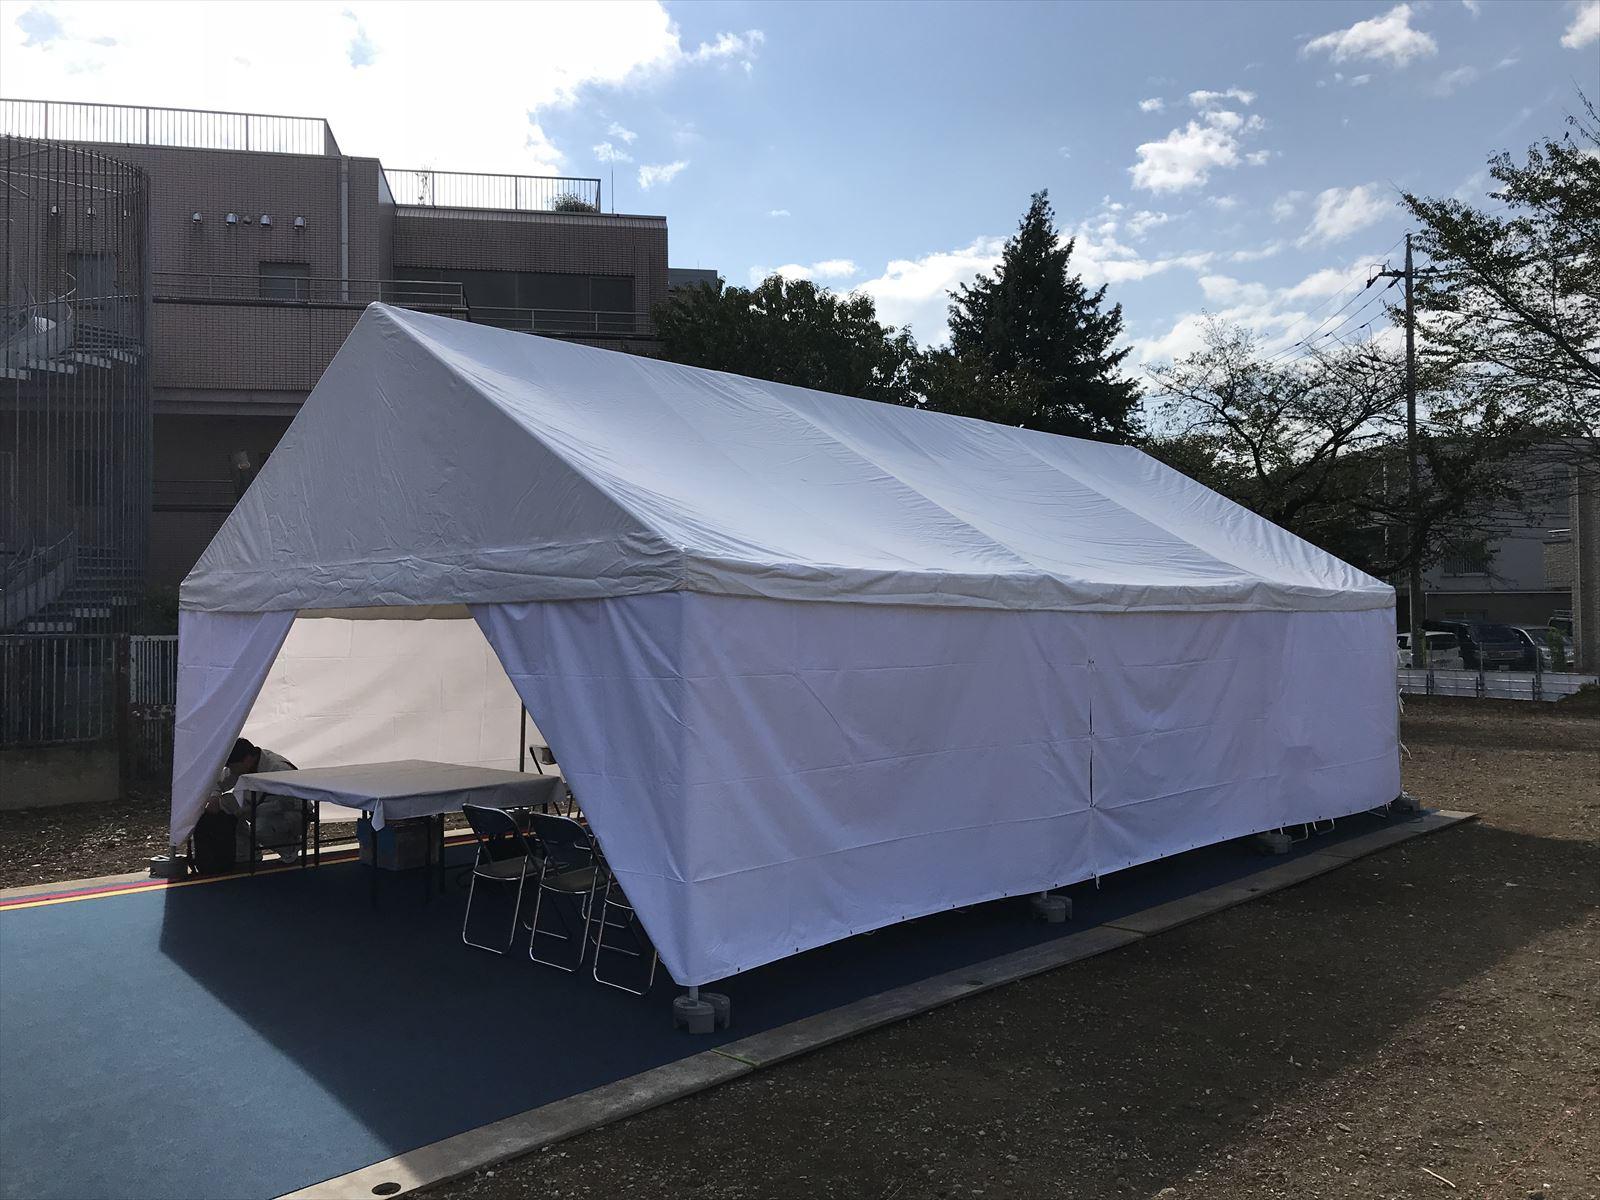 15坪テントなら神奈川イベント会社